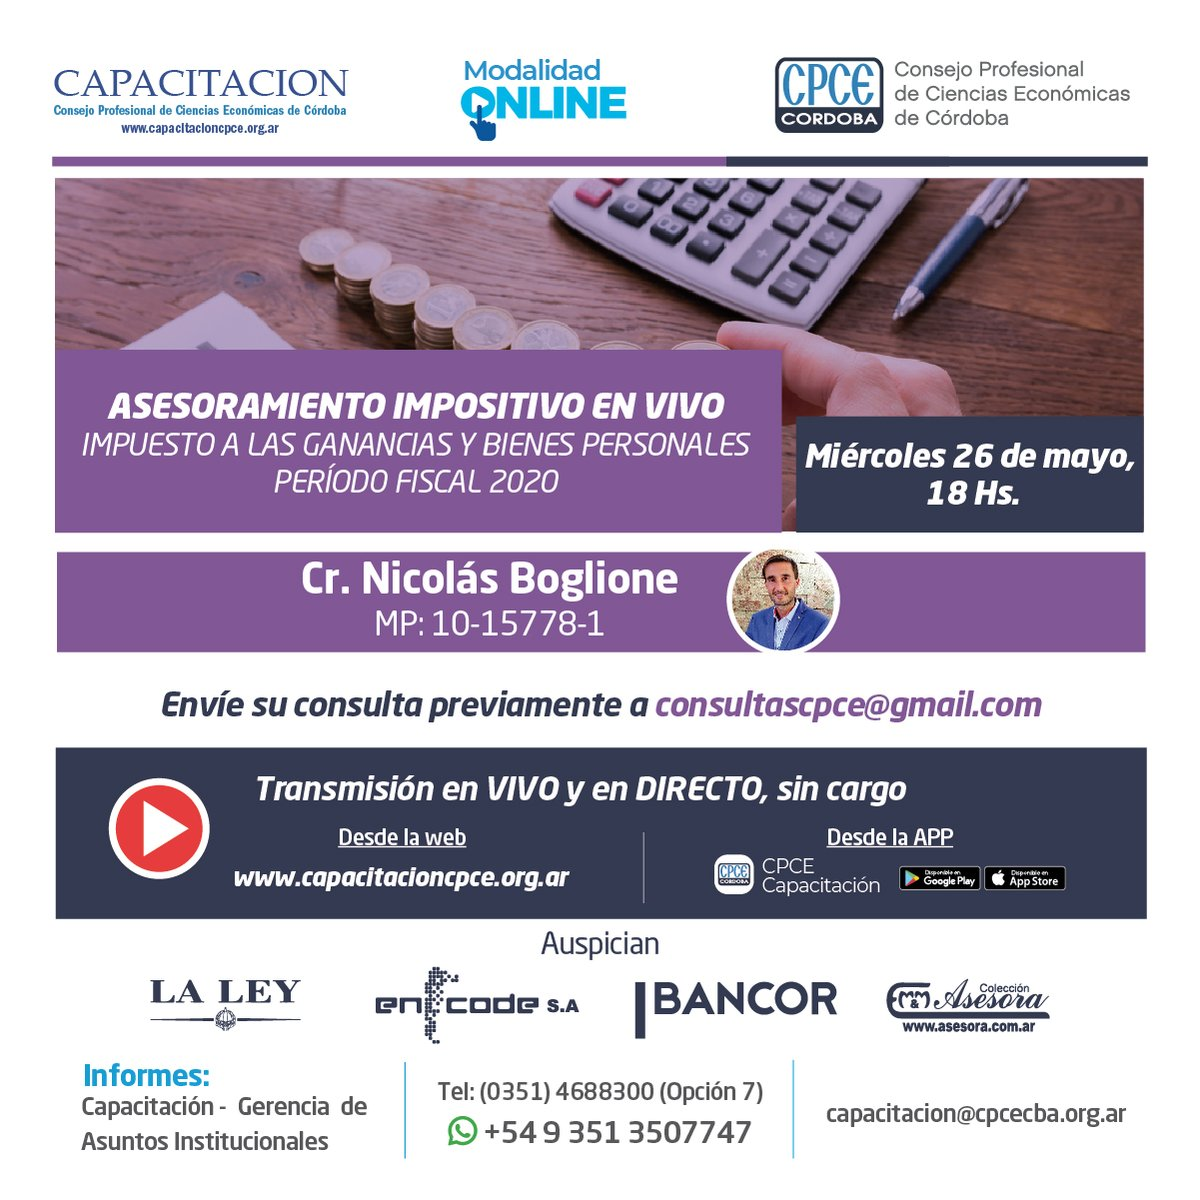 CPCE Córdoba @CPCECordoba: Más información en https://t.co/SShjf0Afdx y en la App CPCE Capacitación ???? https://t.co/WBciTs1vNx